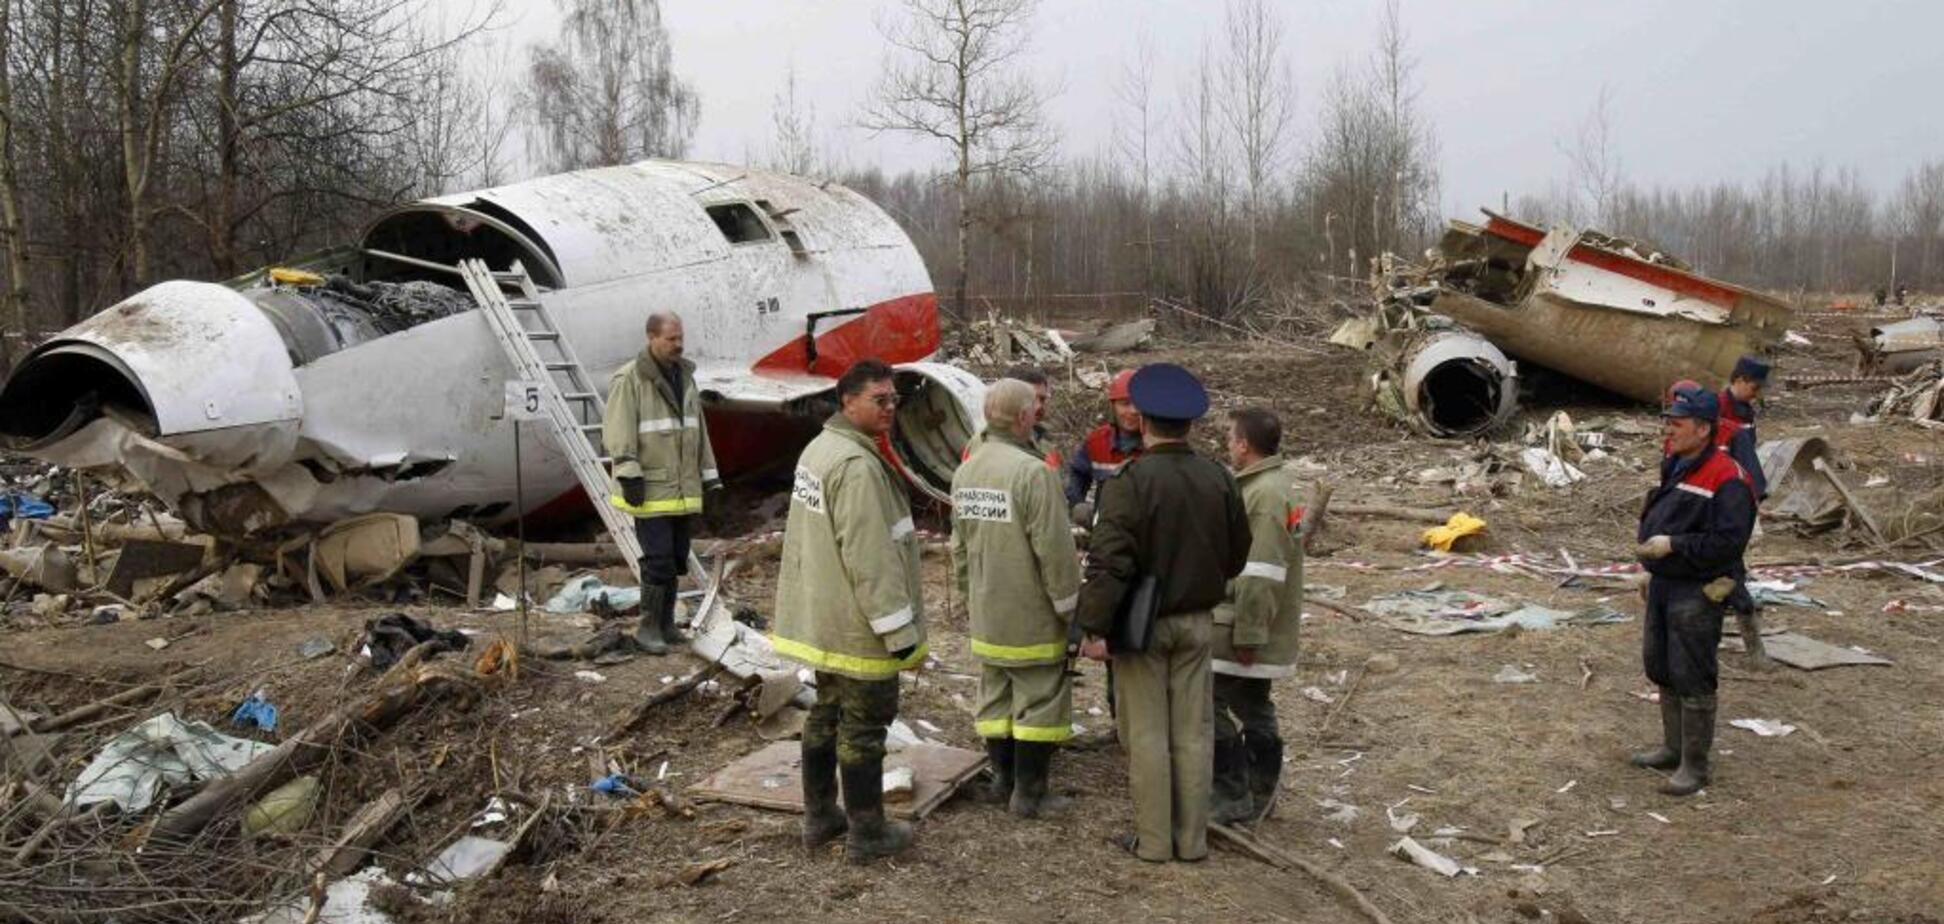 Смоленська катастрофа: Росію піймали на черговий підлій брехні